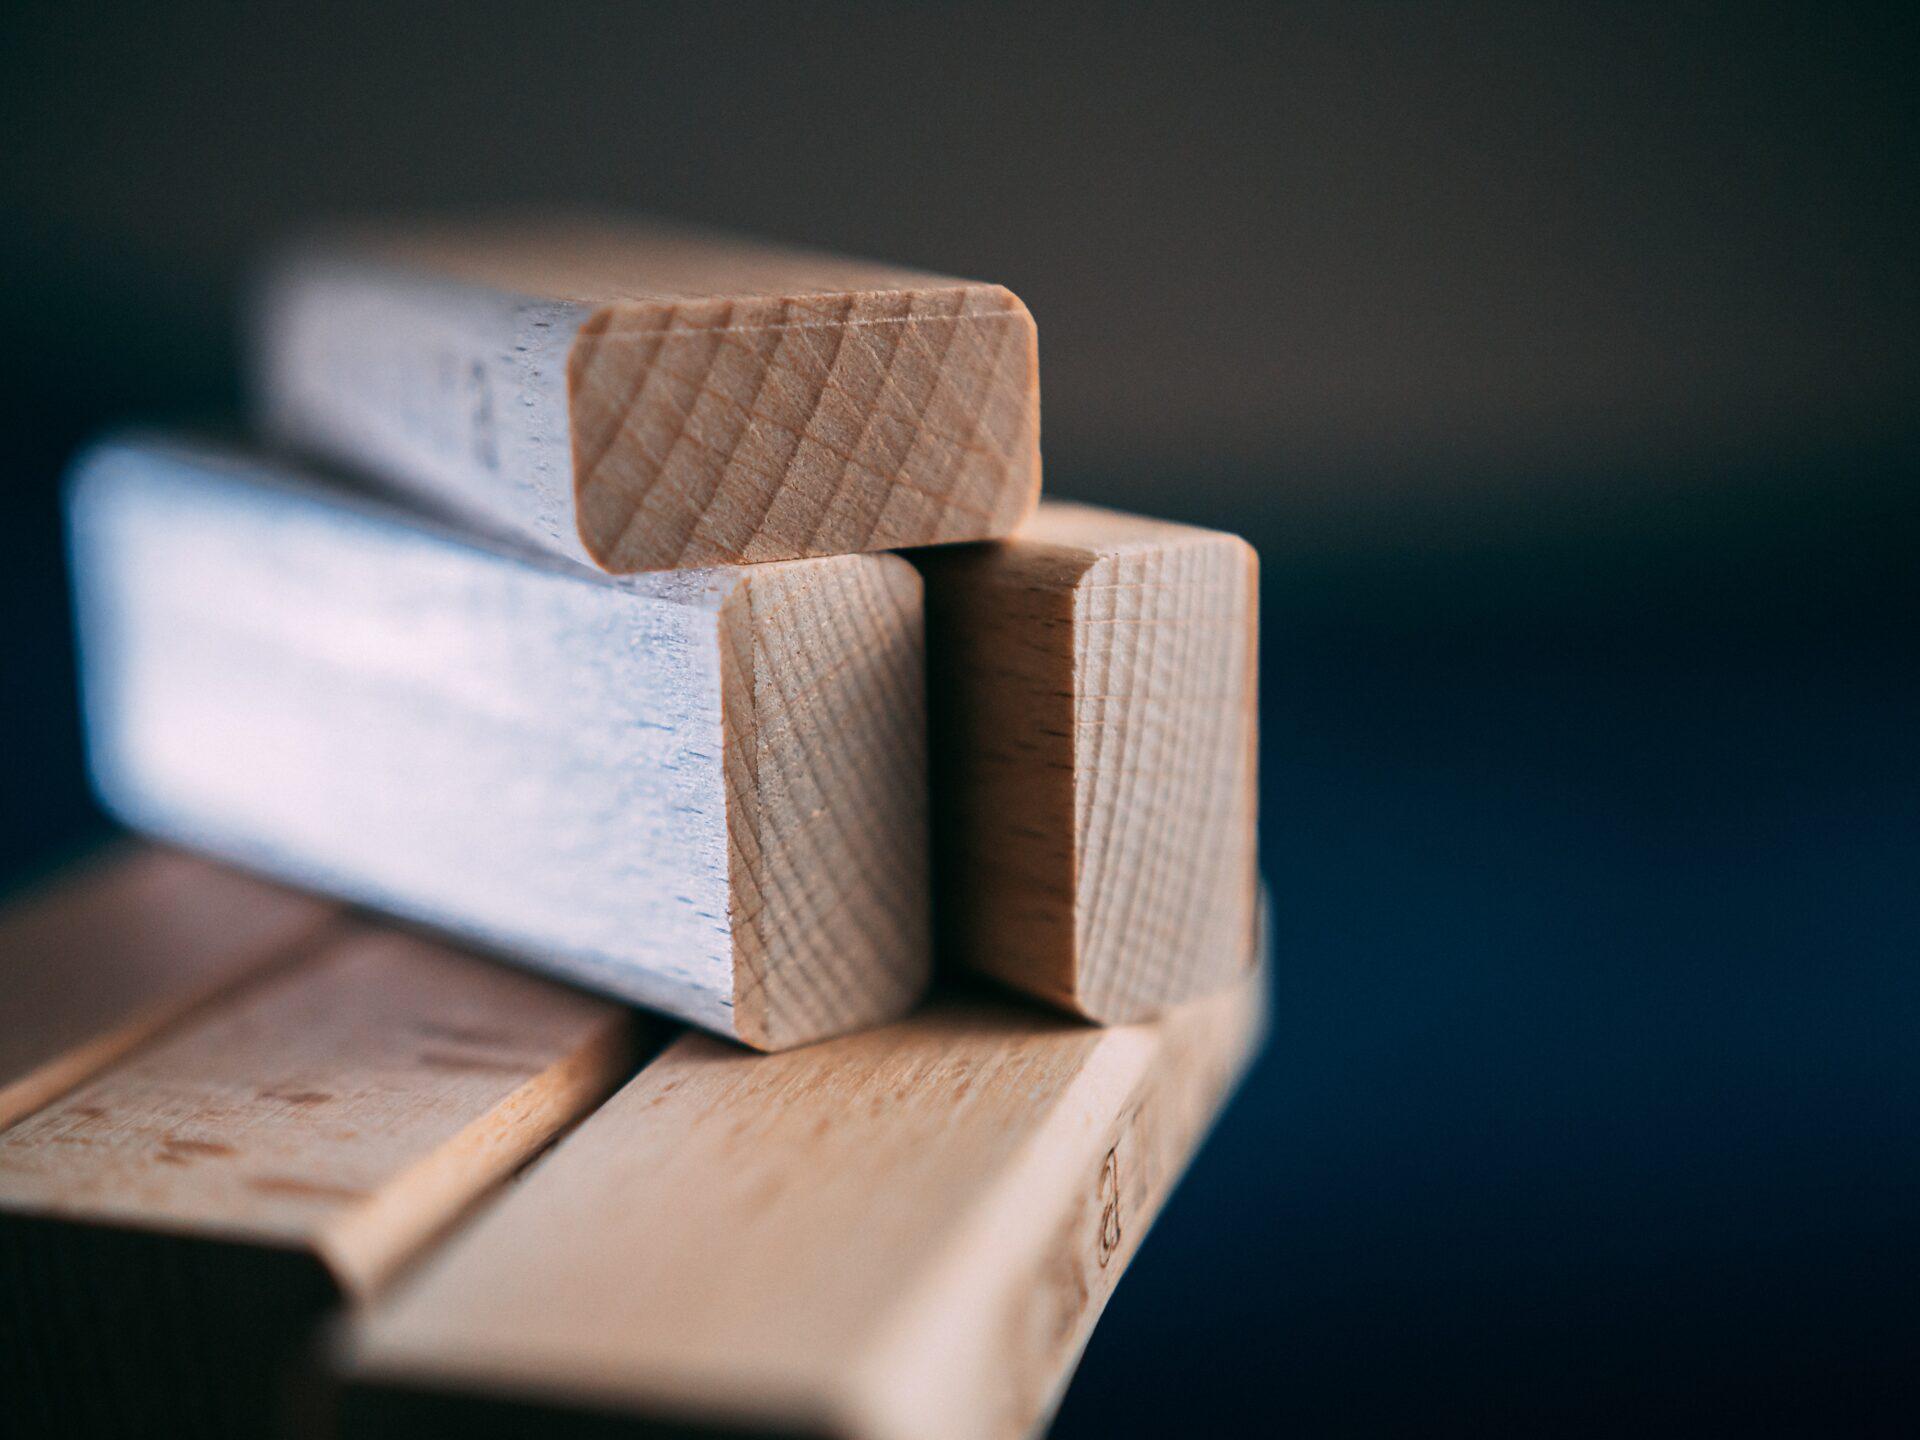 morceau de bois en constuction symbolisant la fusion-acquisition en Allemagne